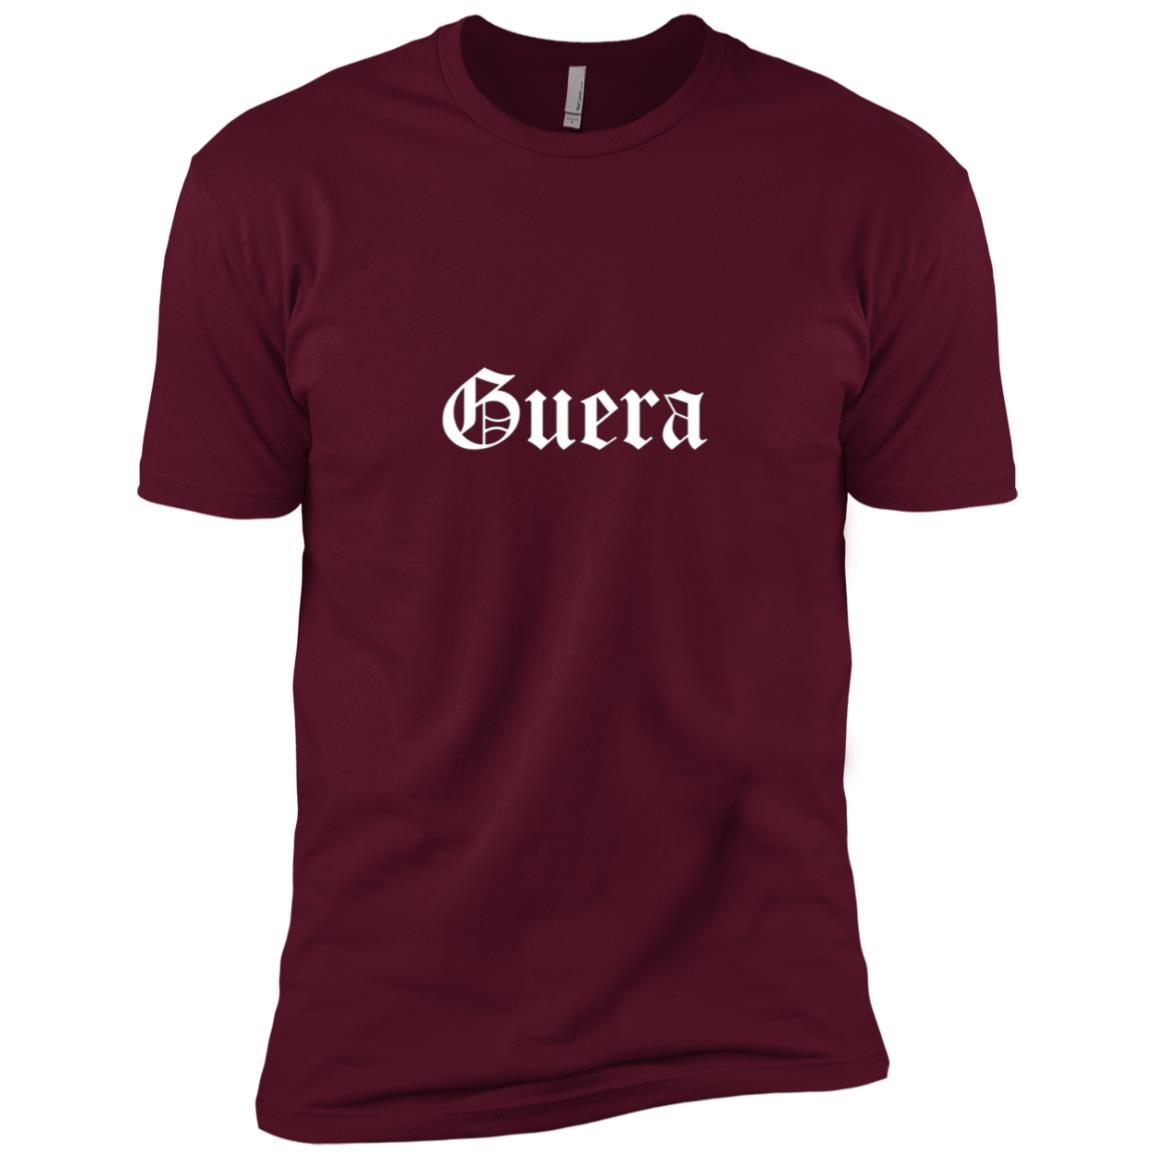 Guera Chola Old English Men Short Sleeve T-Shirt